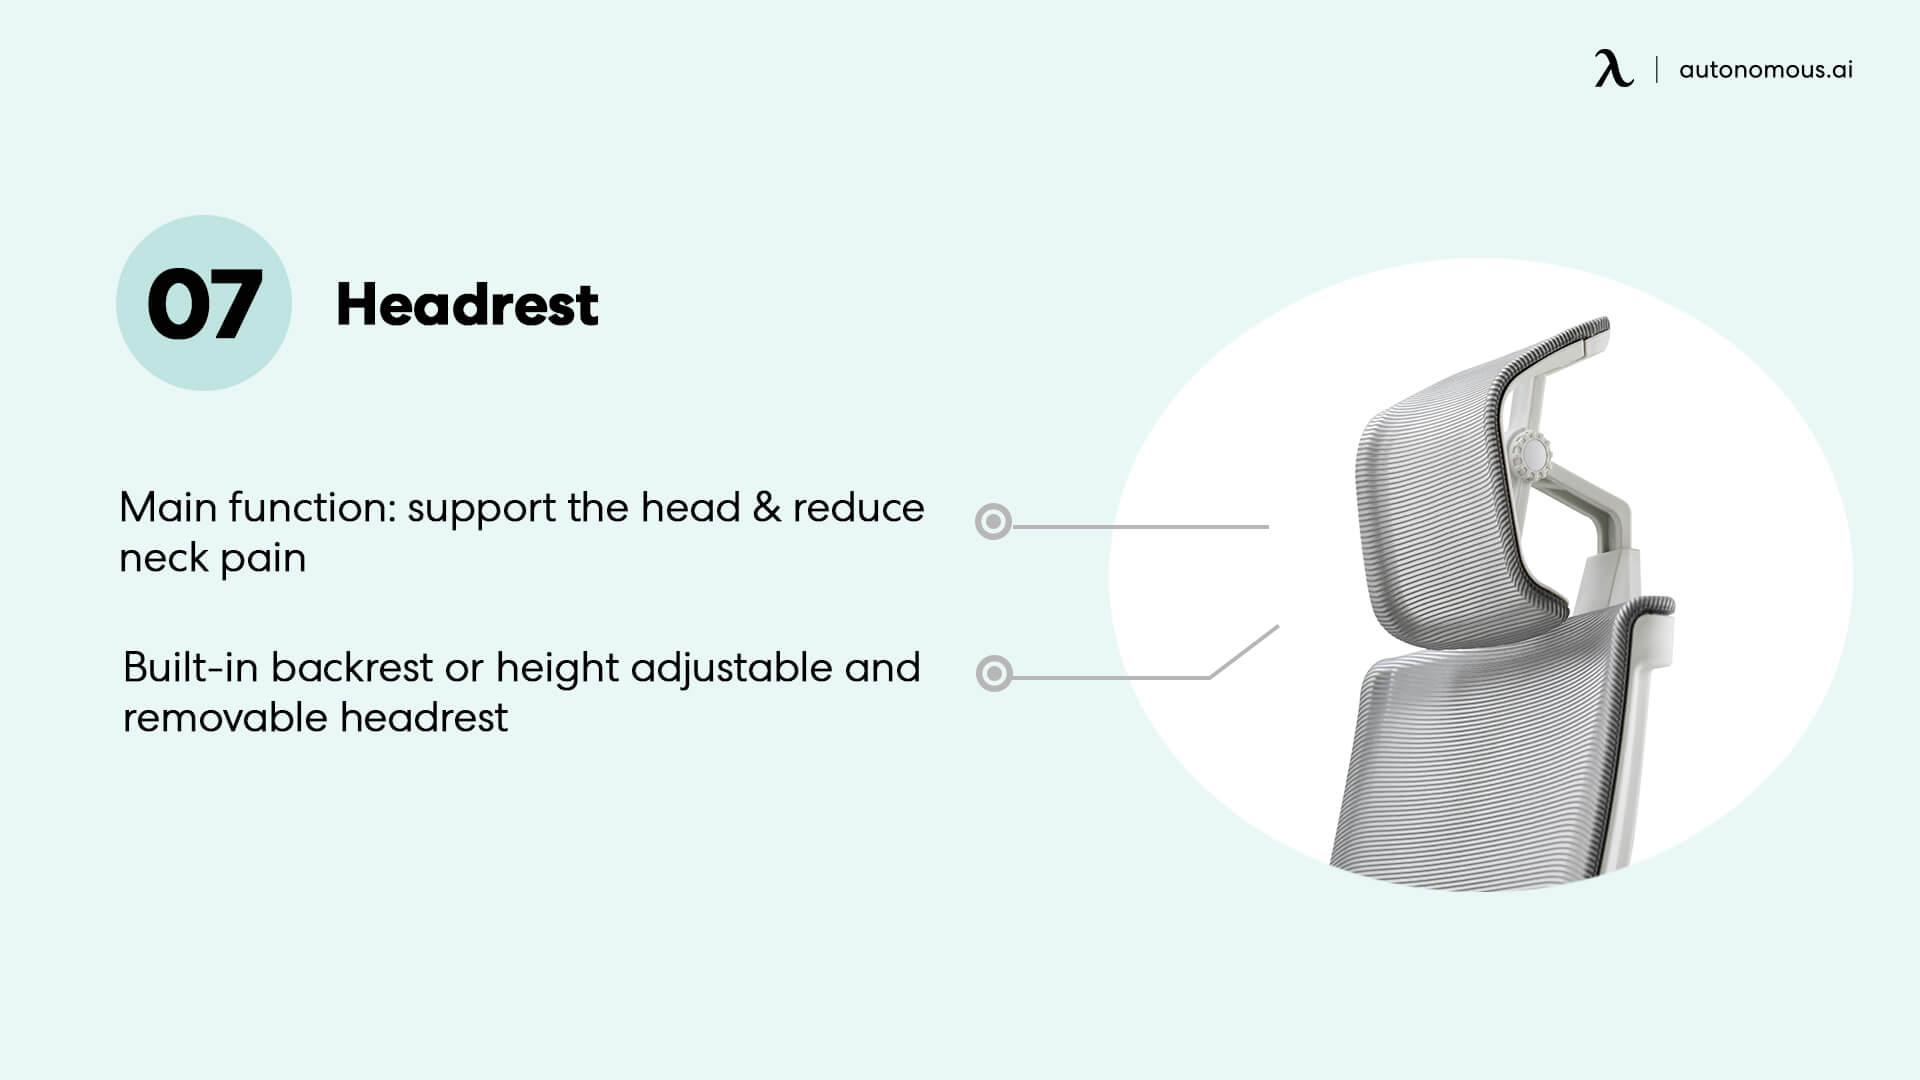 Headrest chair part